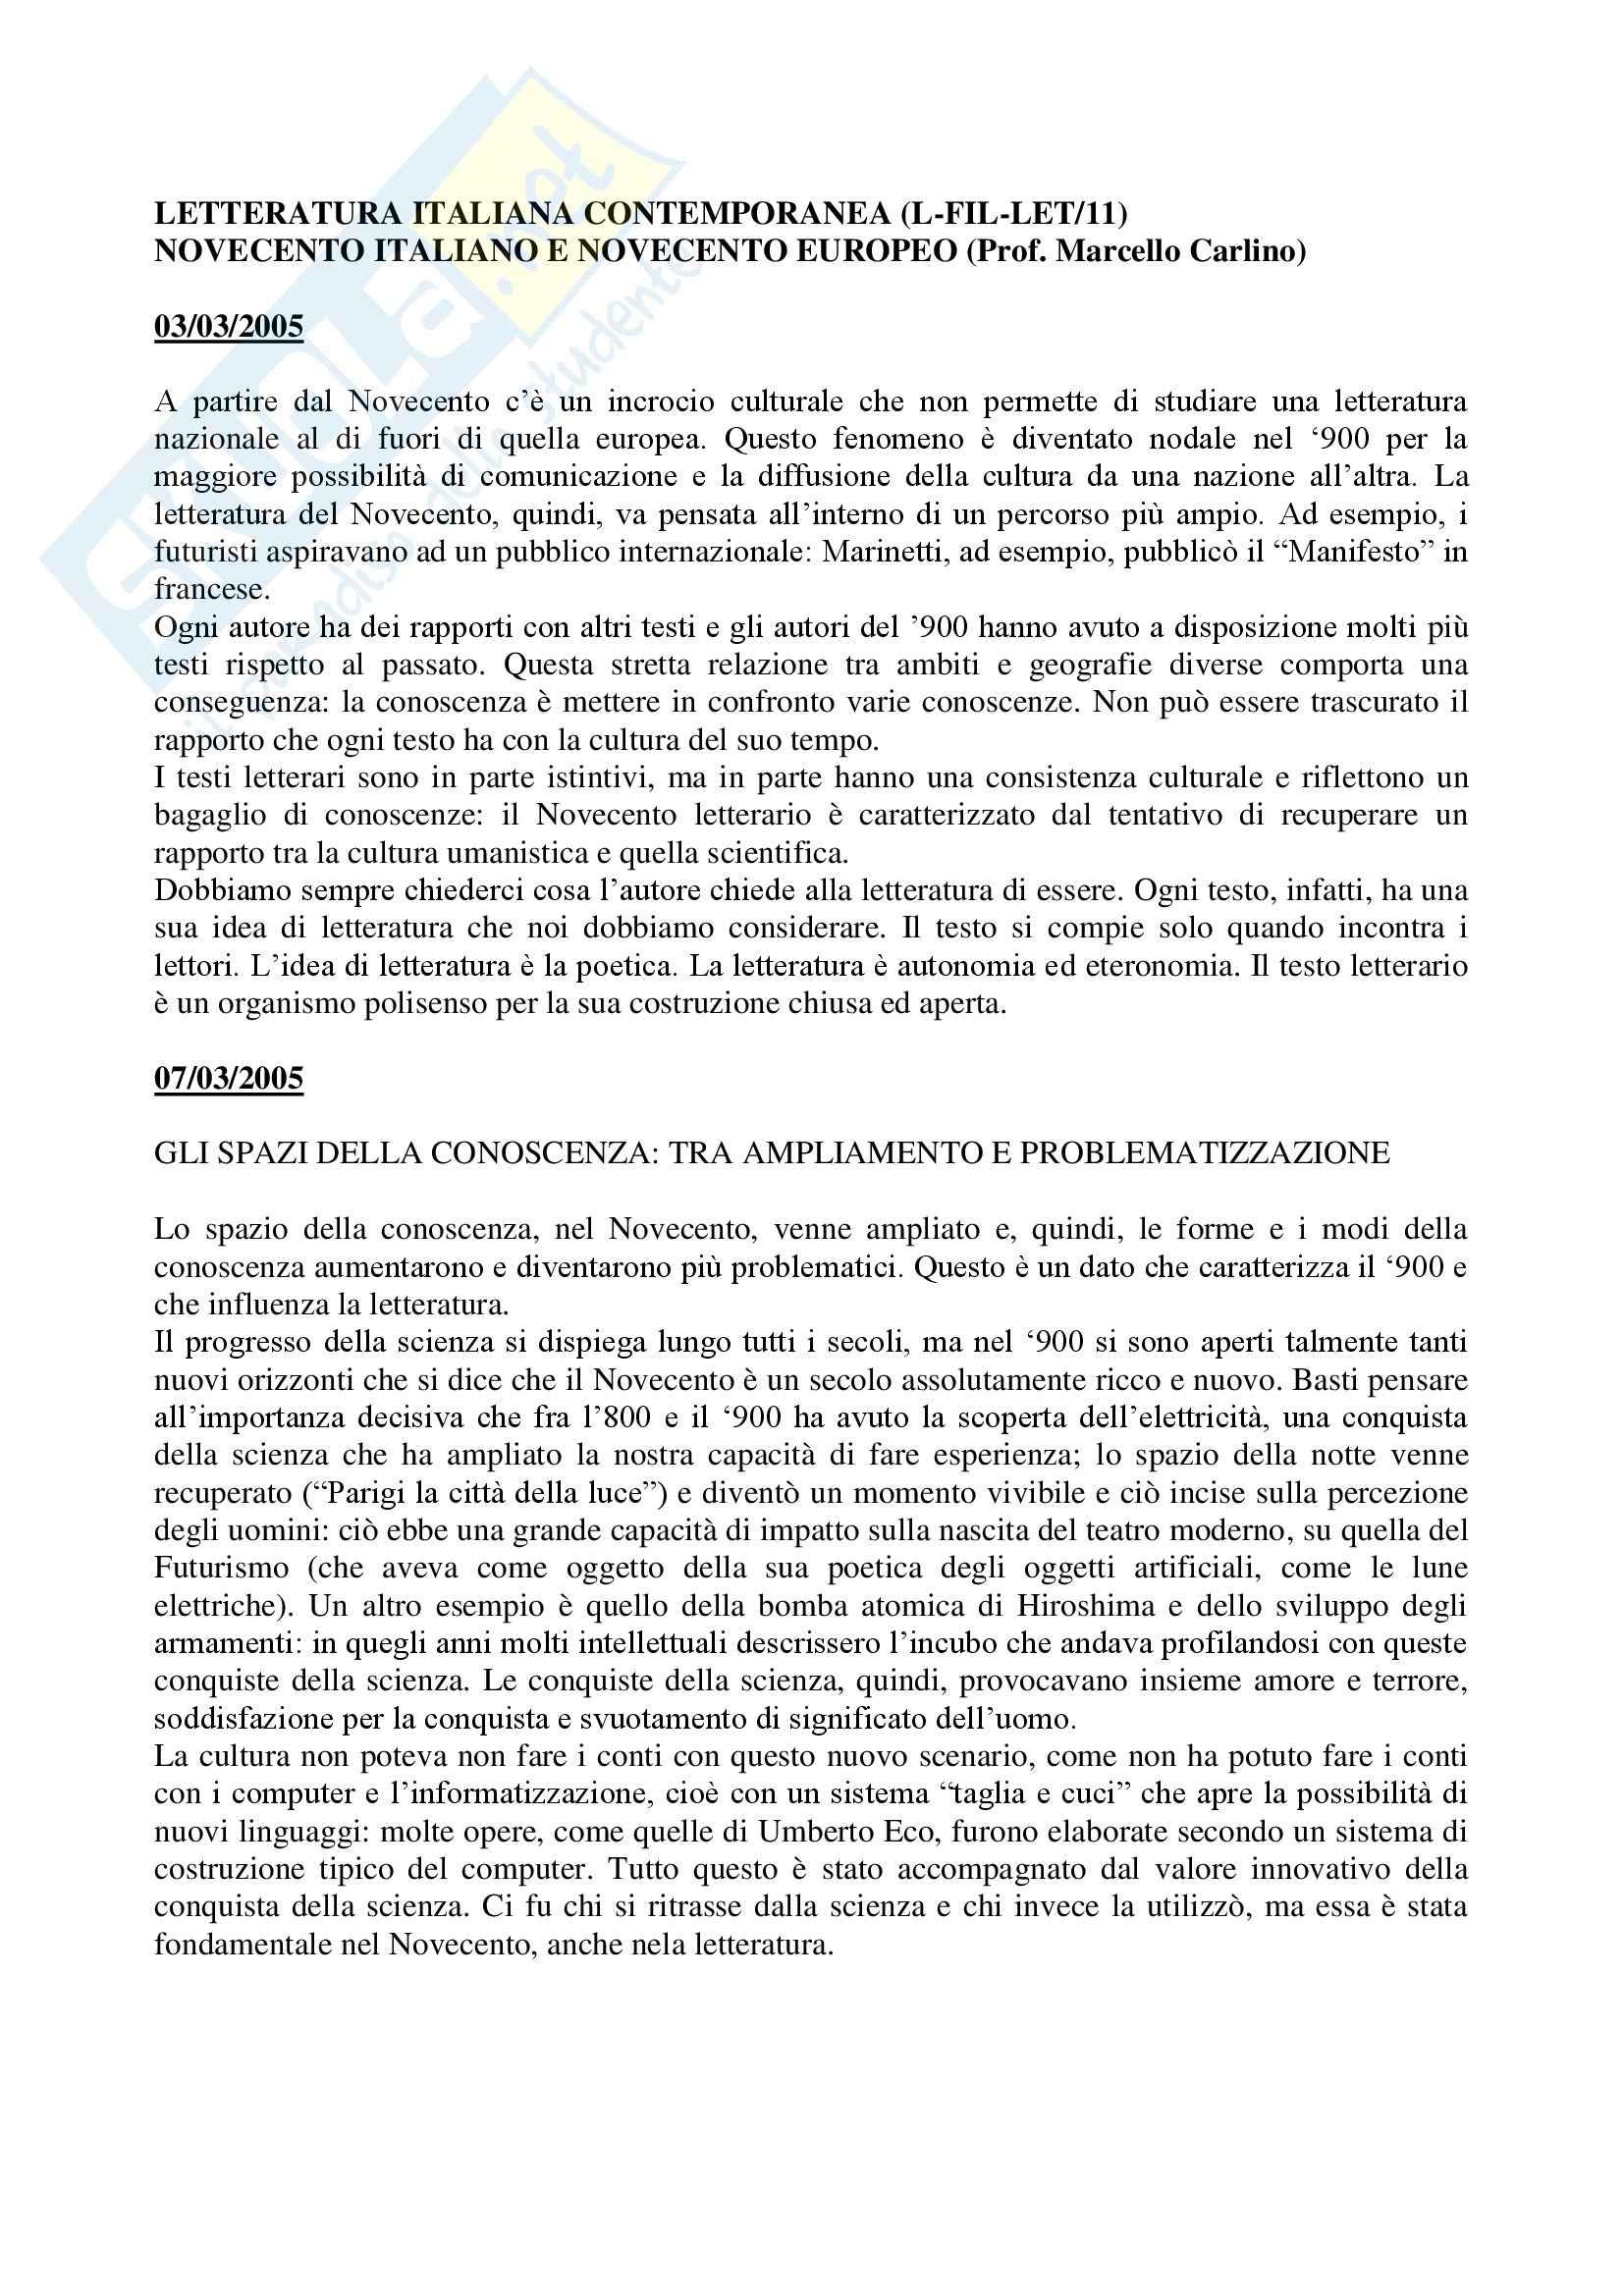 appunto M. Carlino Letteratura Italiana